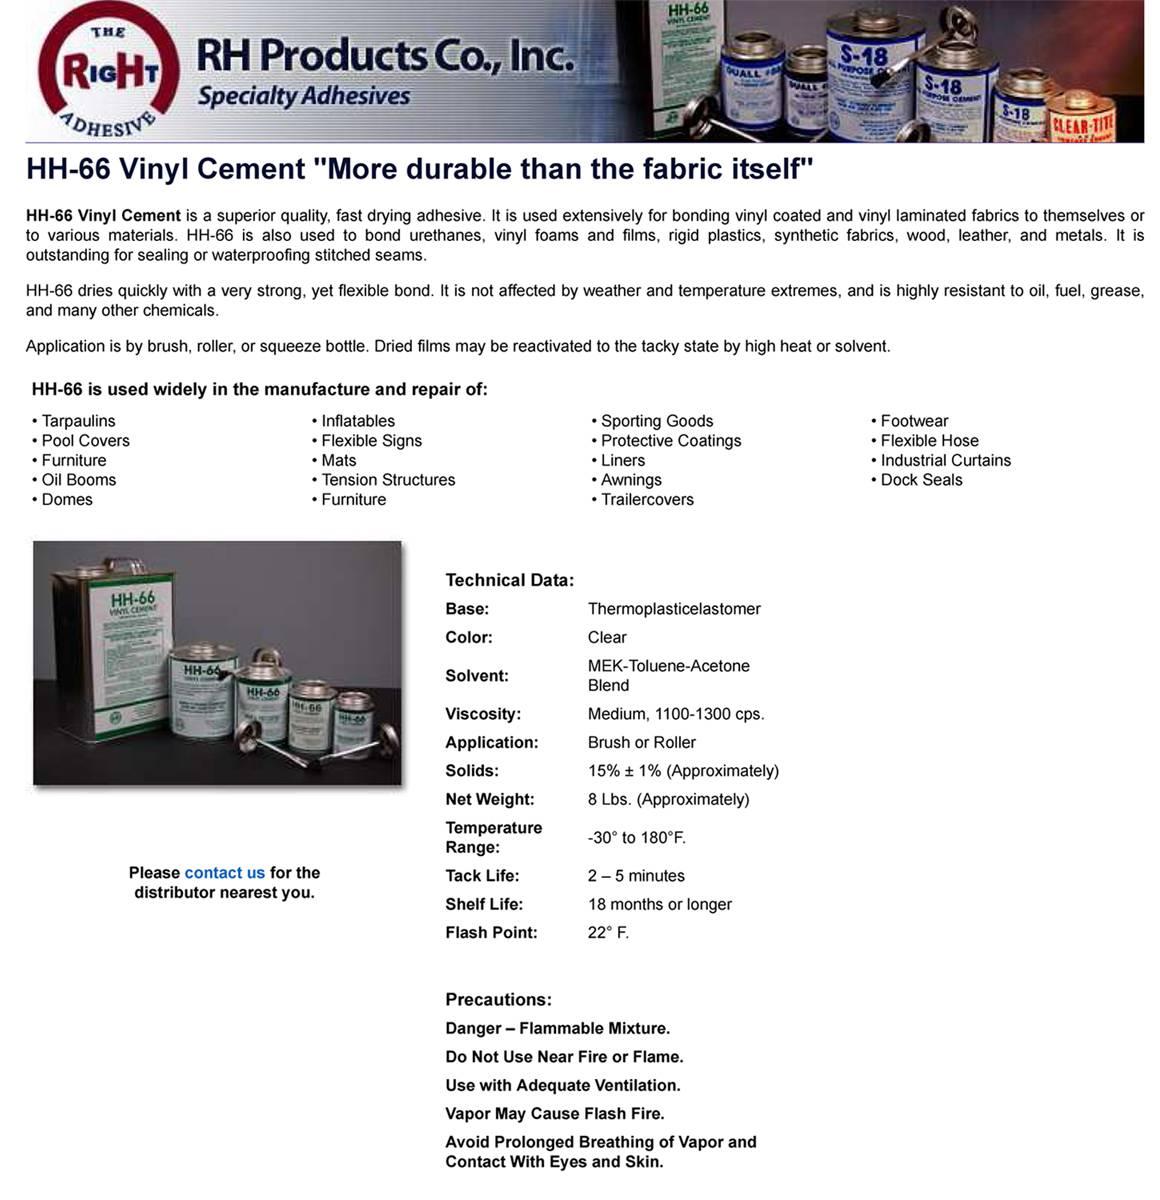 212502 Hh 66 Vinyl Cement Glue 1 Qt Brushtop Can